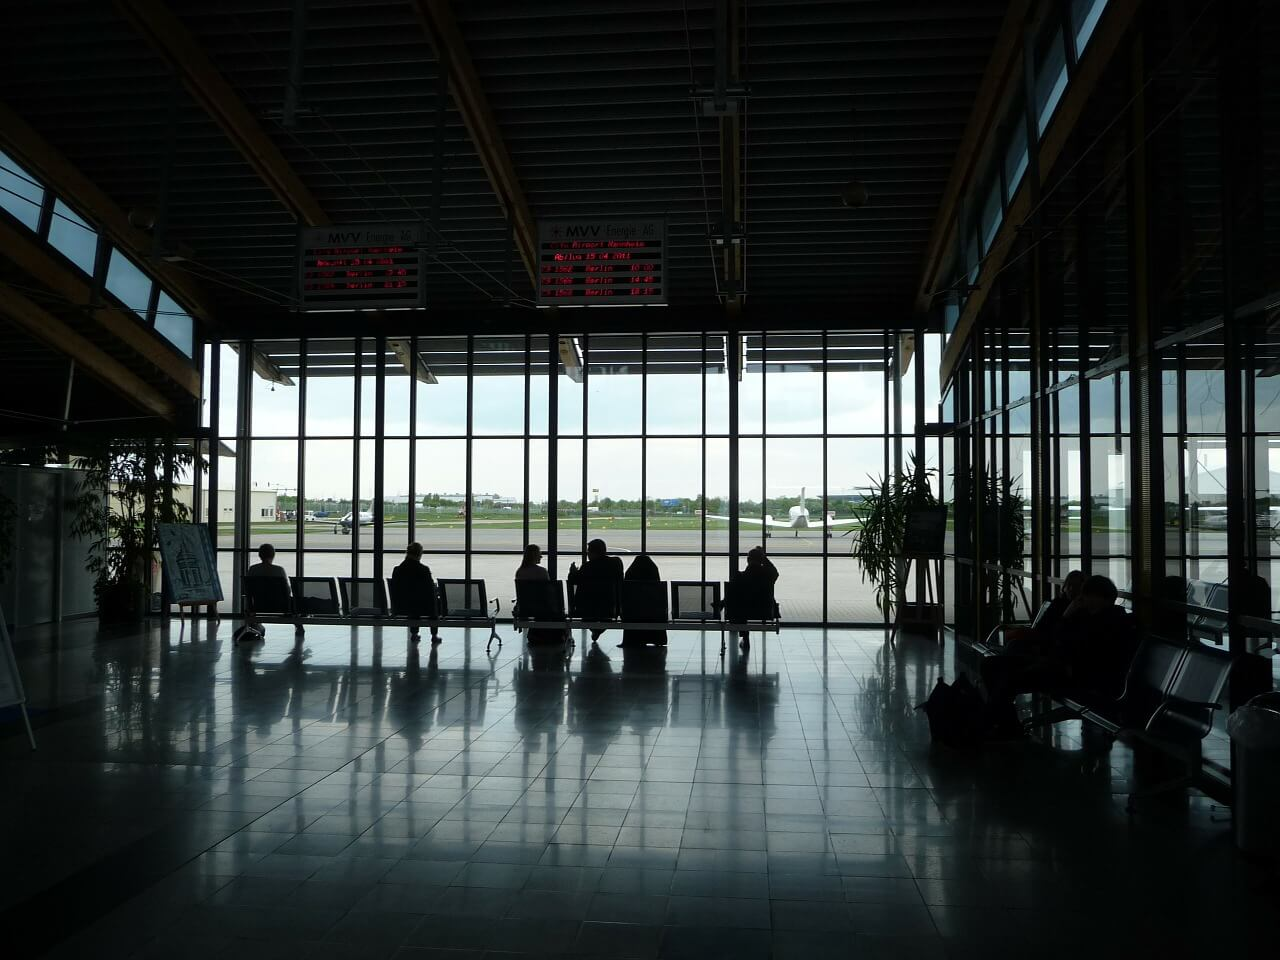 【空港ラウンジが無料で利用できる法人カード11選】フライト前の優雅なひと時をこの手に!